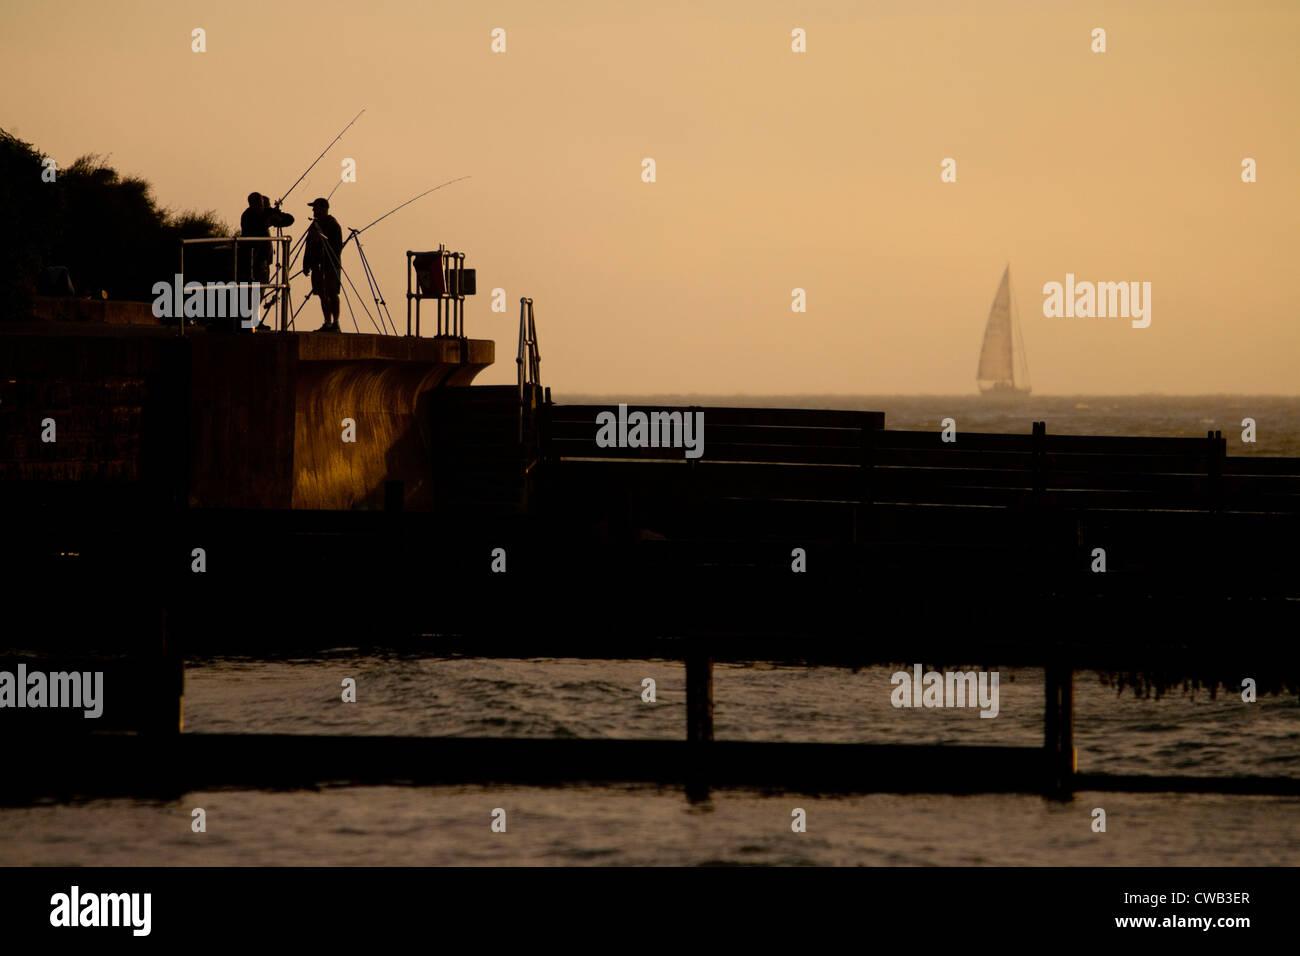 Pesca deportiva, pesca, pescadores, Malecón, groynes, yate, niebla, Colwell Bay, Isla de Wight, Inglaterra, Imagen De Stock